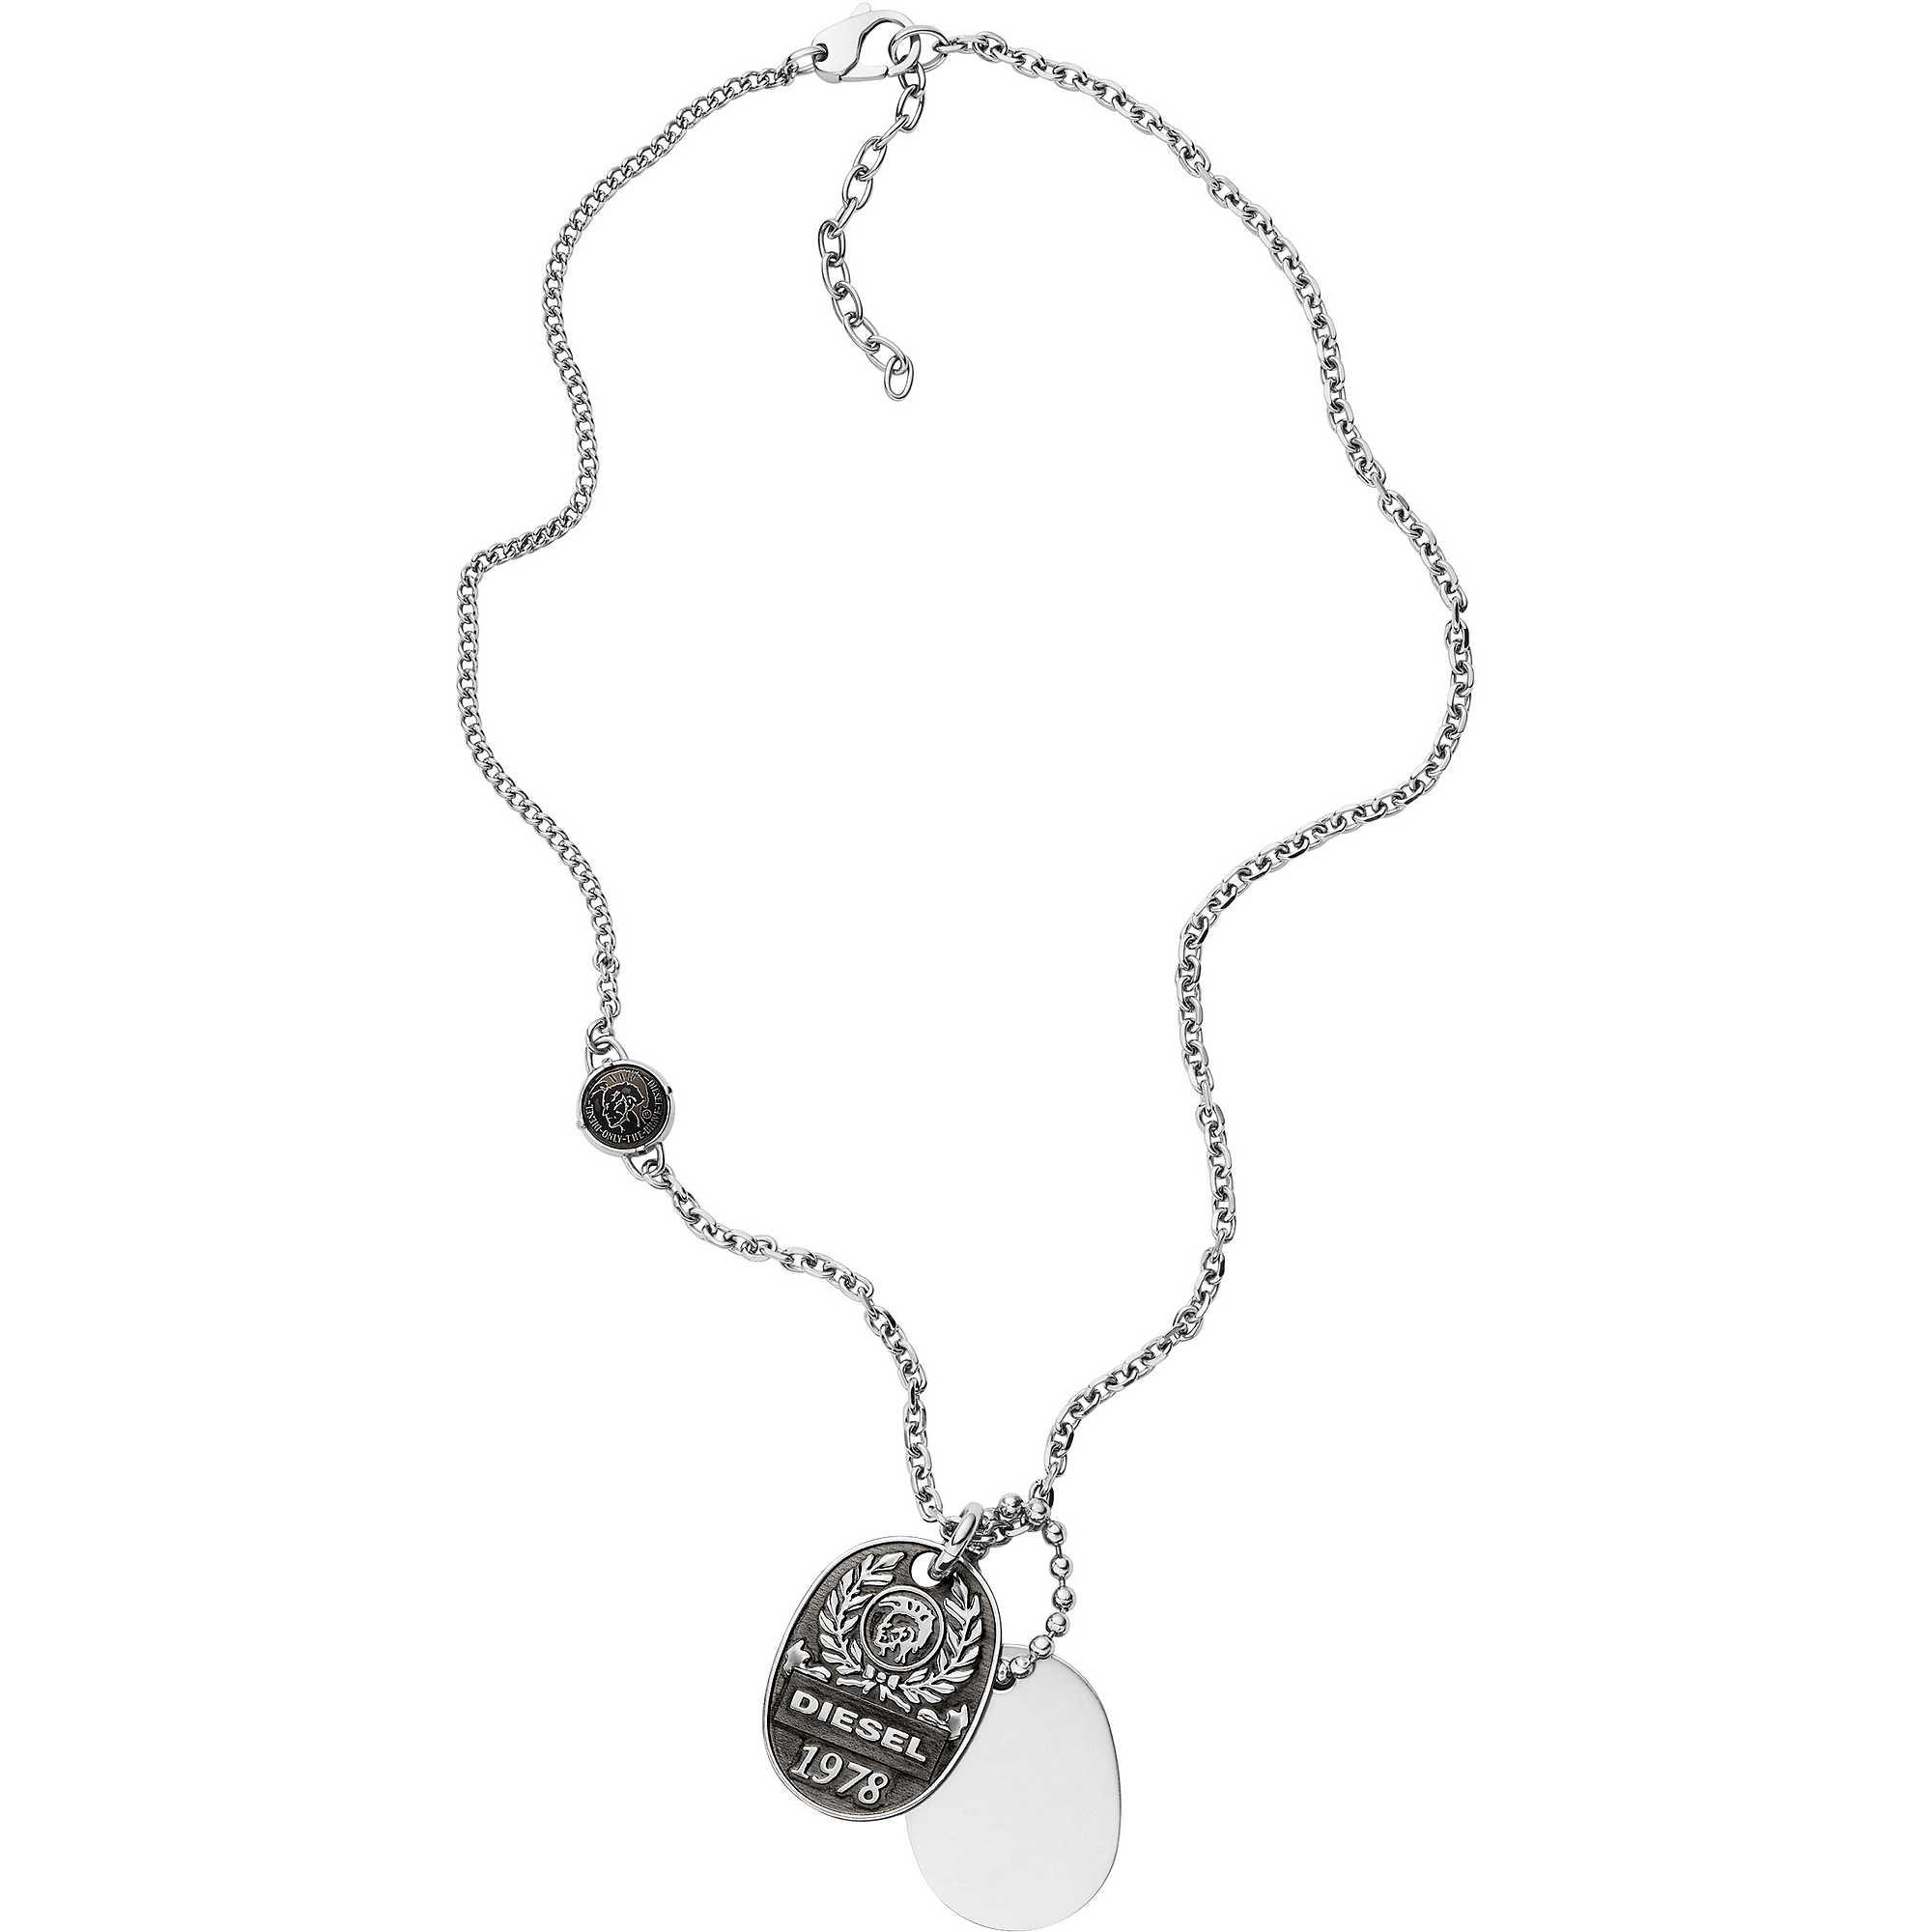 necklace necklaces woman ferrari jewellery swarovski htm en zoom prisma